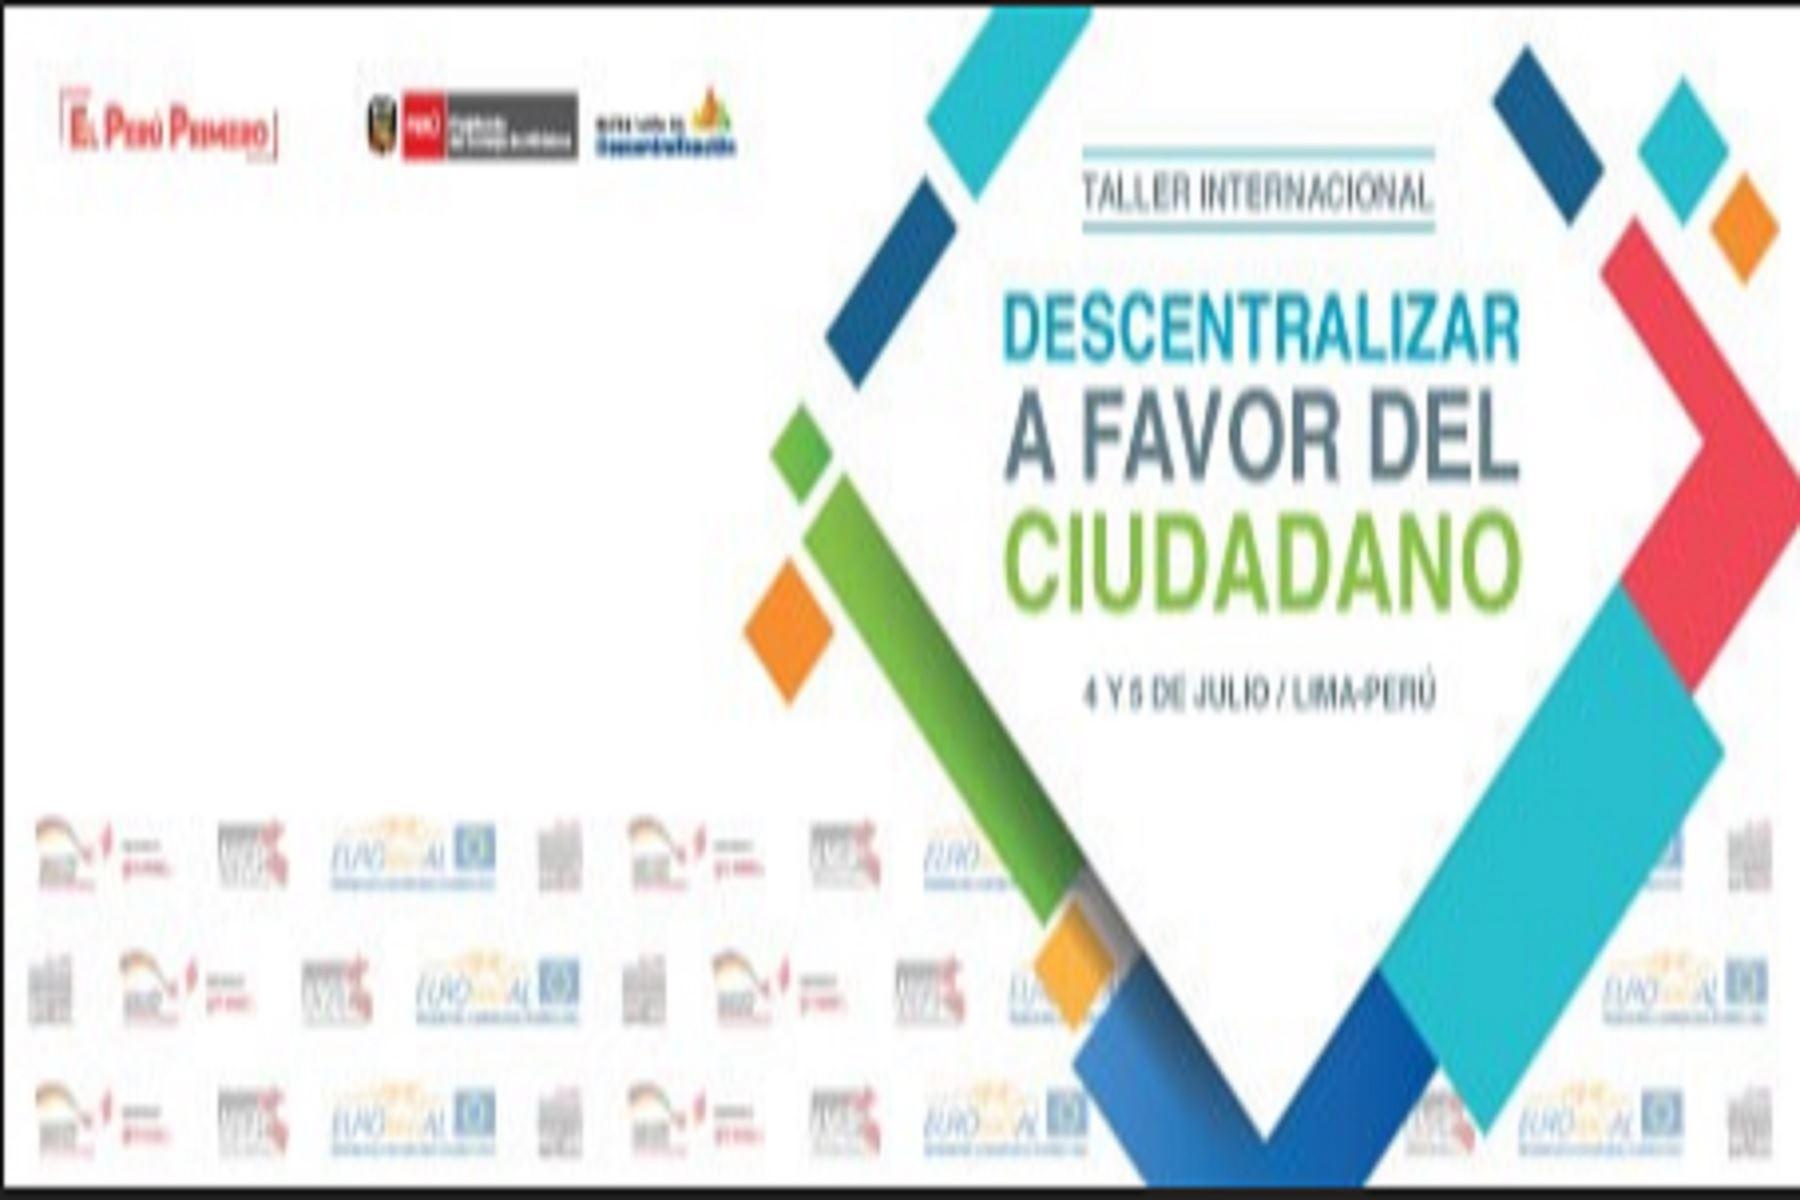 """Taller internacional """"Descentralizar a favor del ciudadano"""""""